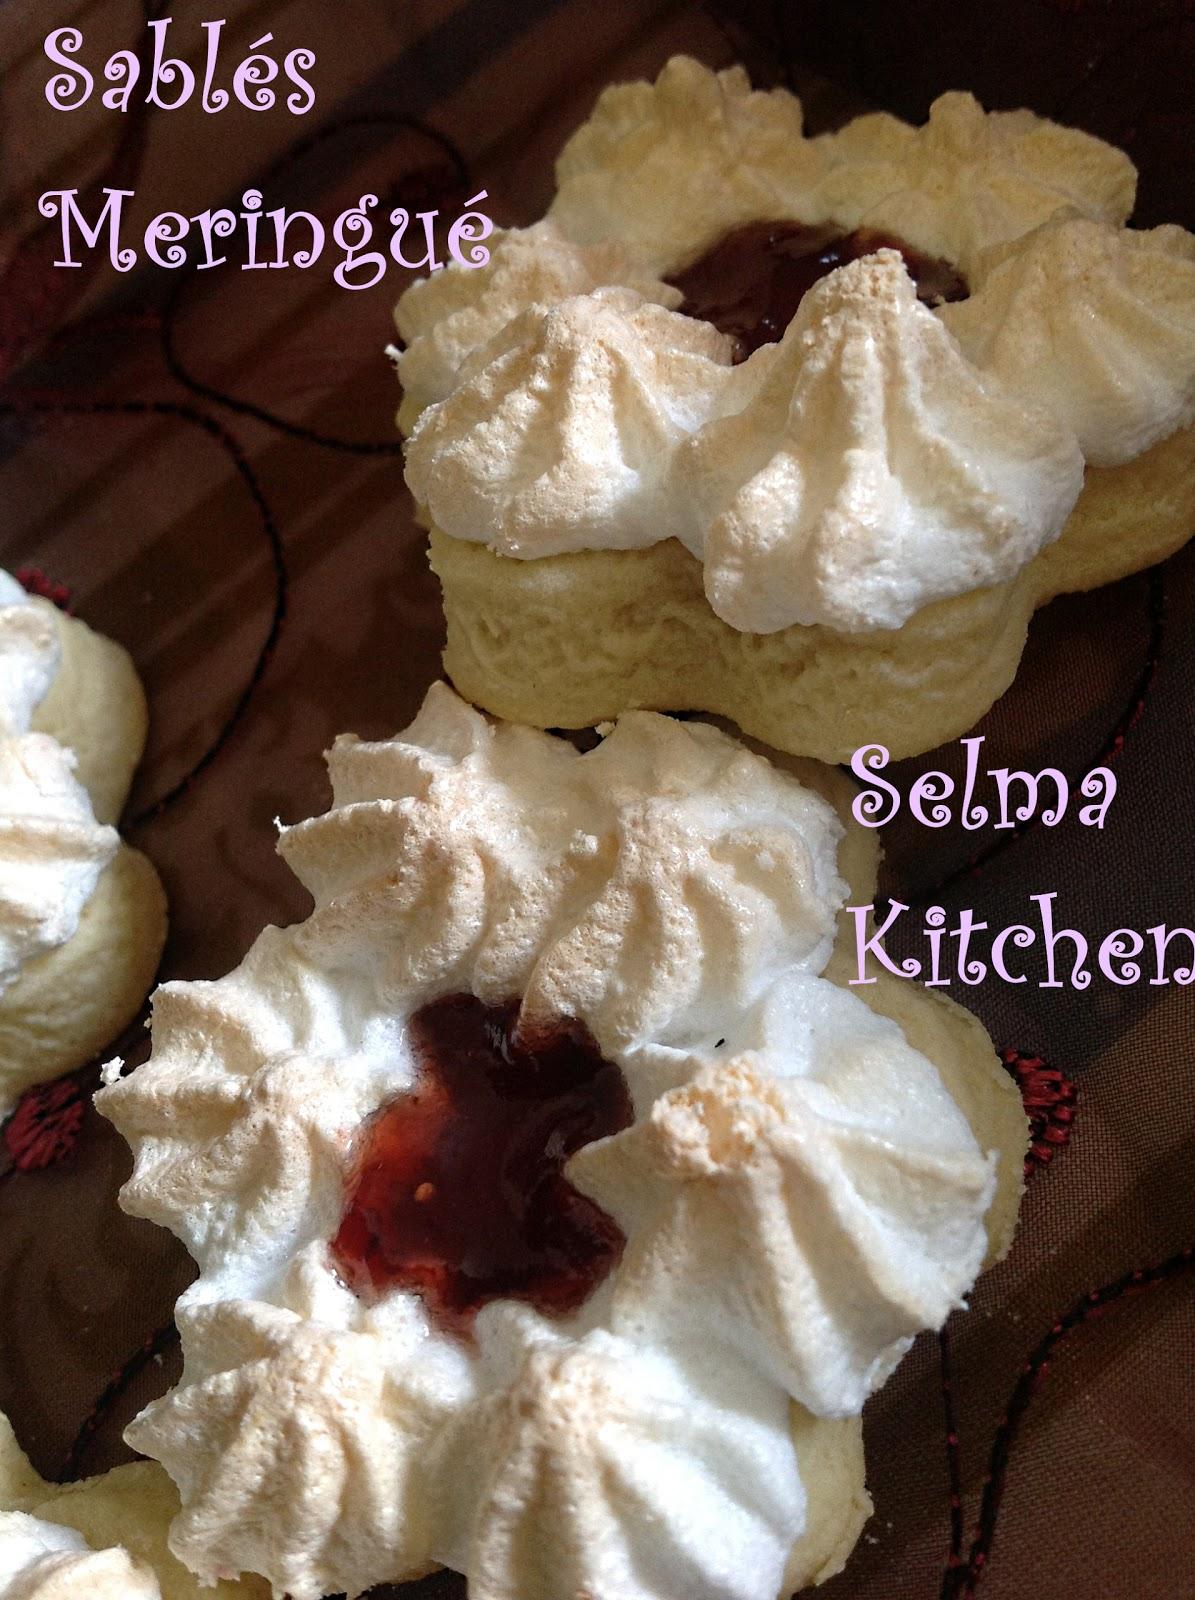 Selma kitchen sabl s meringu s a la confiture - Recette sable confiture maizena ...